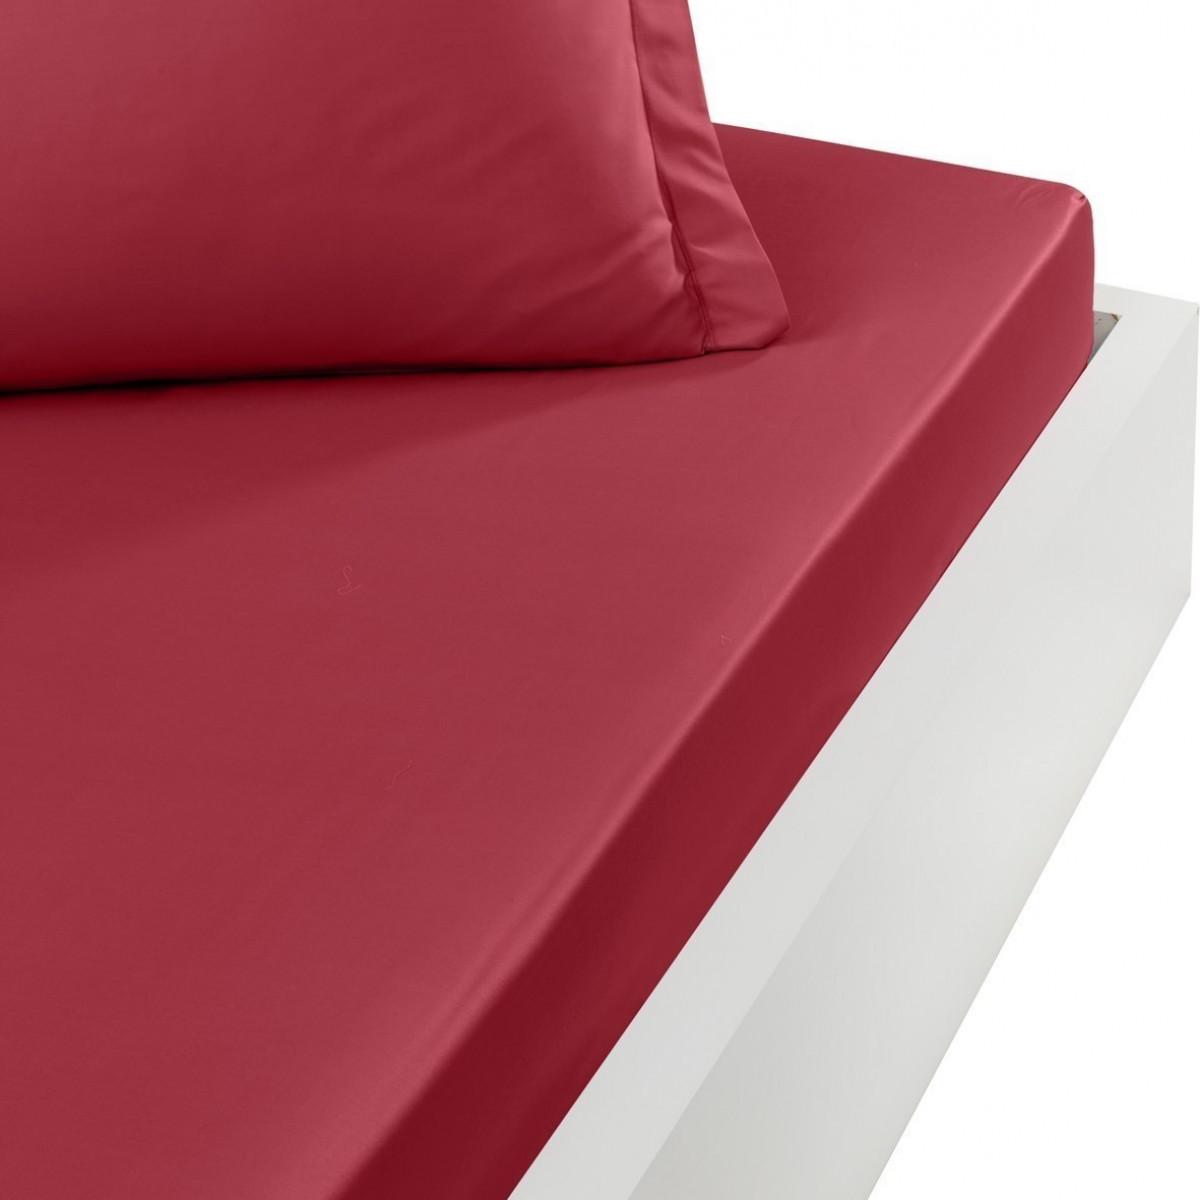 Drap housse en percale de coton bon Cardinal 180x200 cm